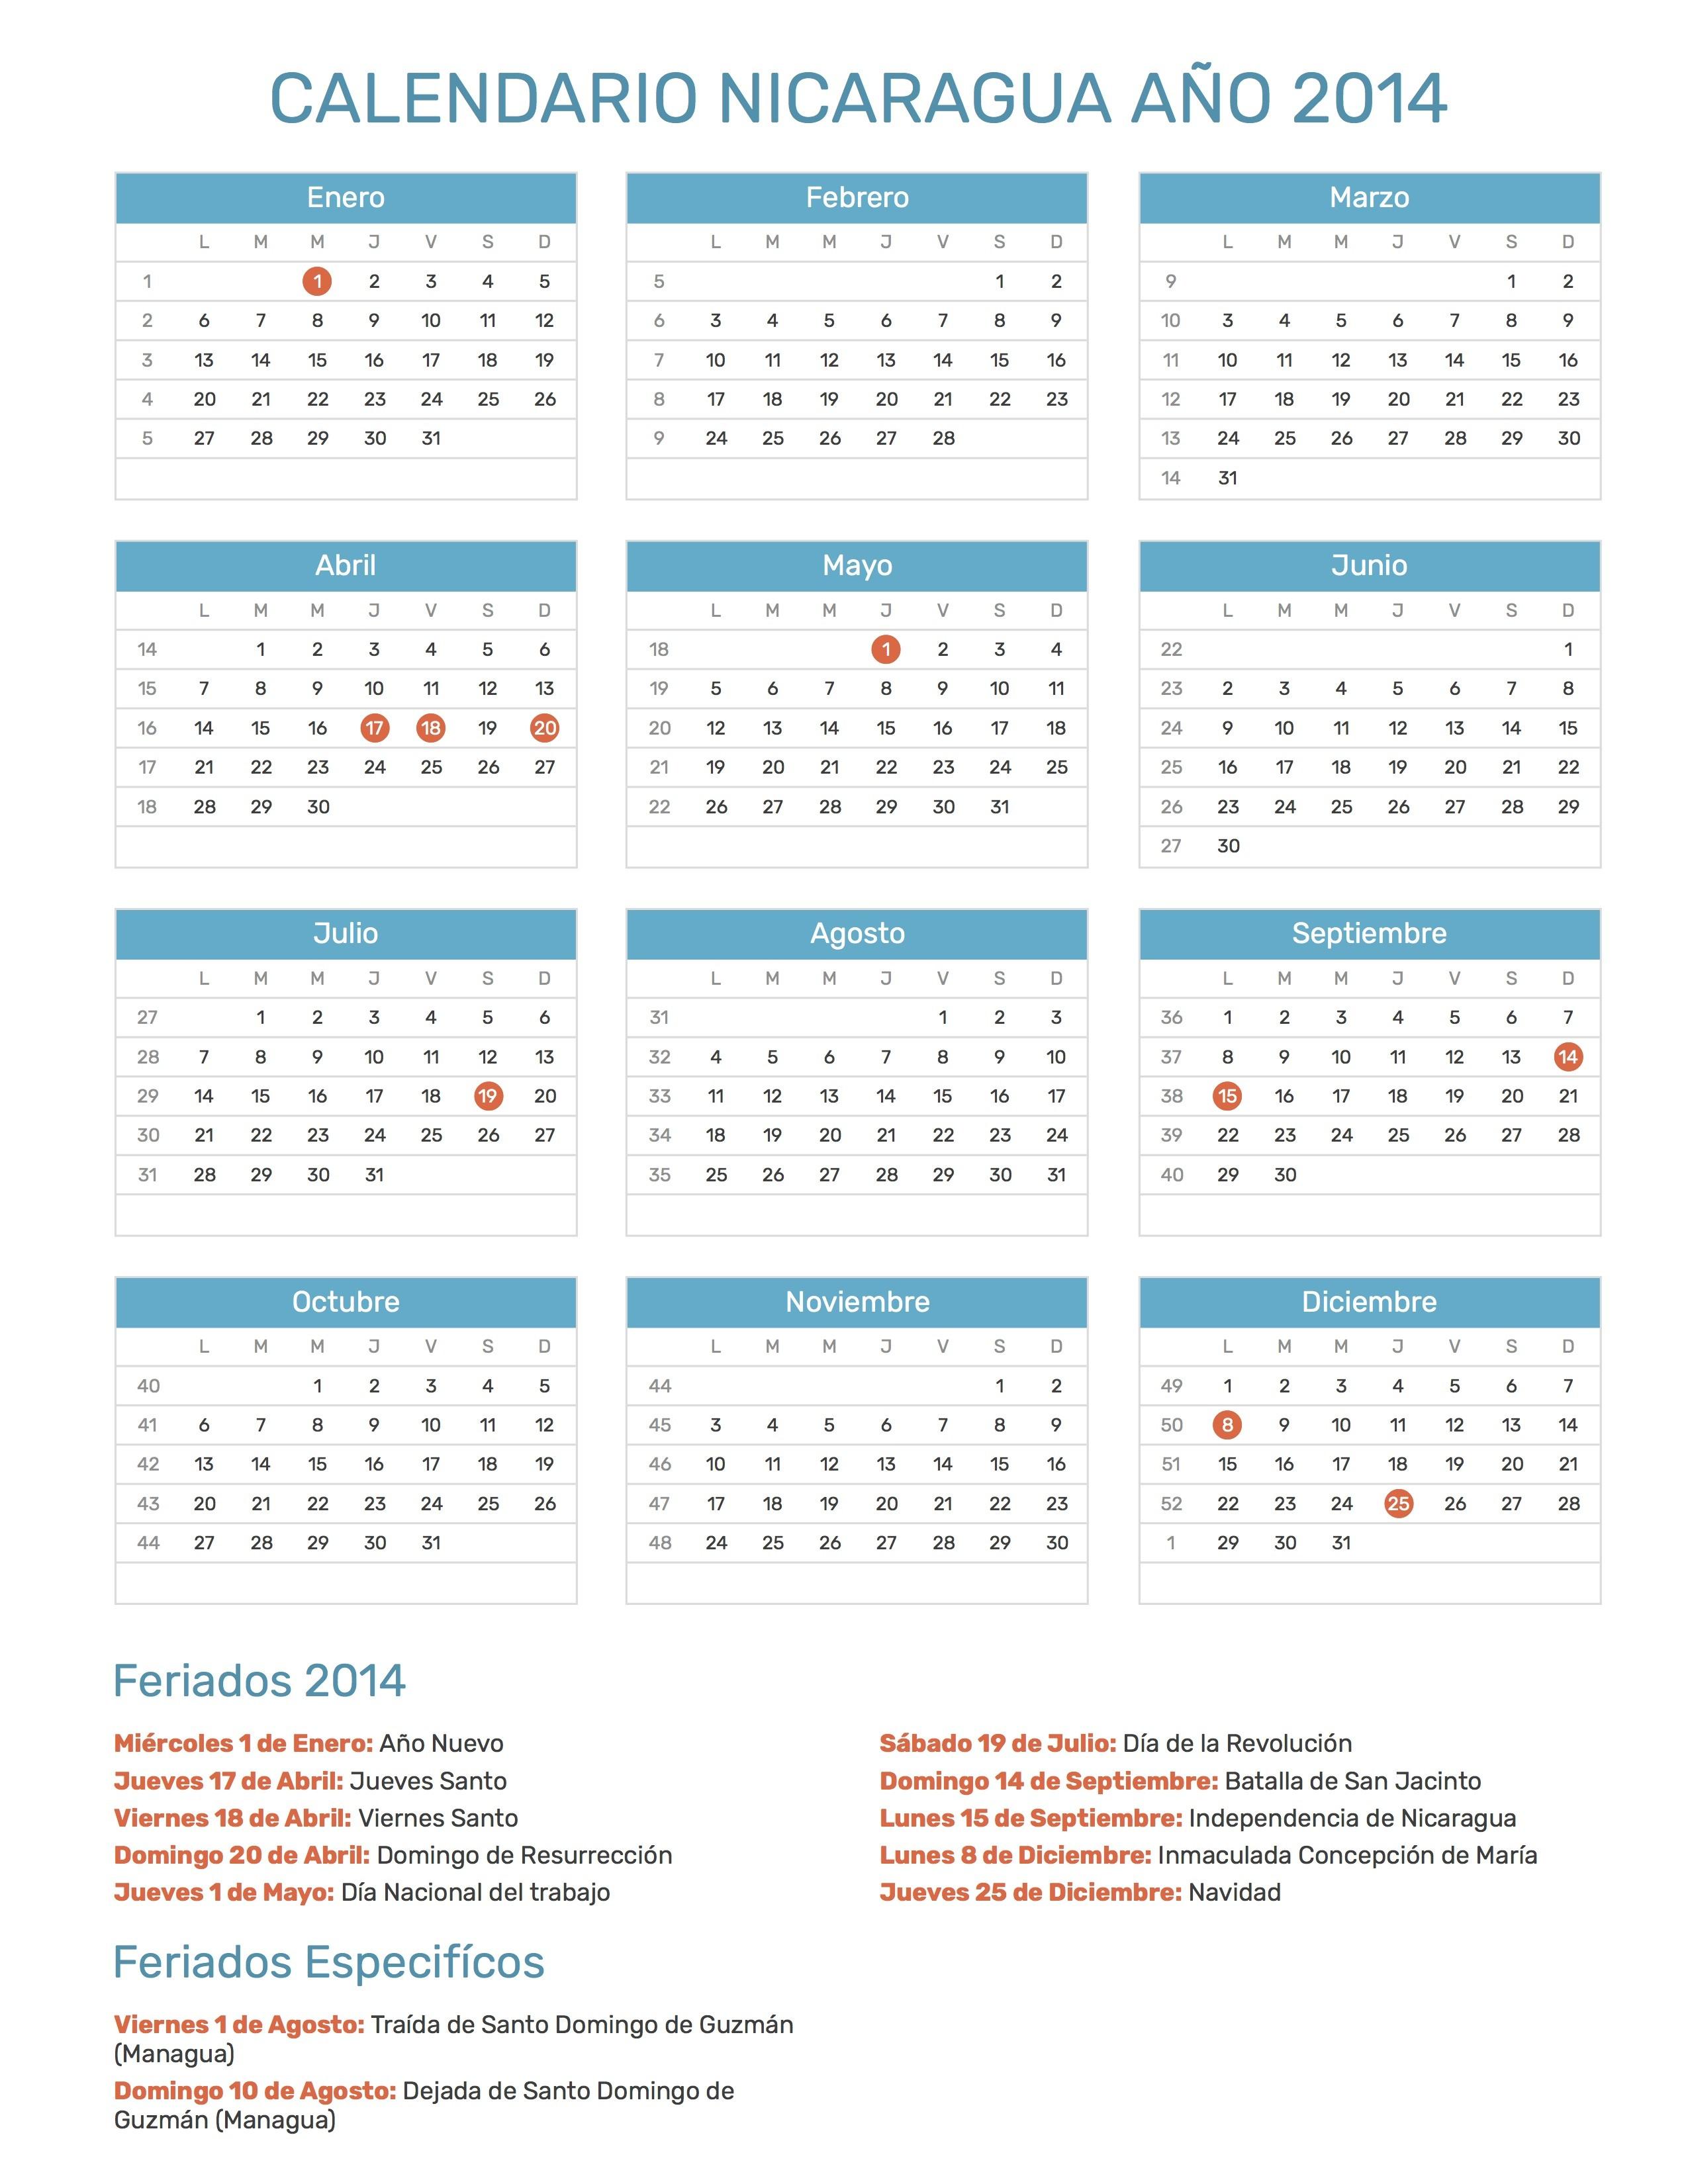 Calendario Agosto 2017 Para Imprimir Excel Más Recientemente Liberado List Of Synonyms and Antonyms Of the Word Calendario 2014 Mexico Of Calendario Agosto 2017 Para Imprimir Excel Más Arriba-a-fecha Prueba Kalender 2019 Ferien Bayern Pdf